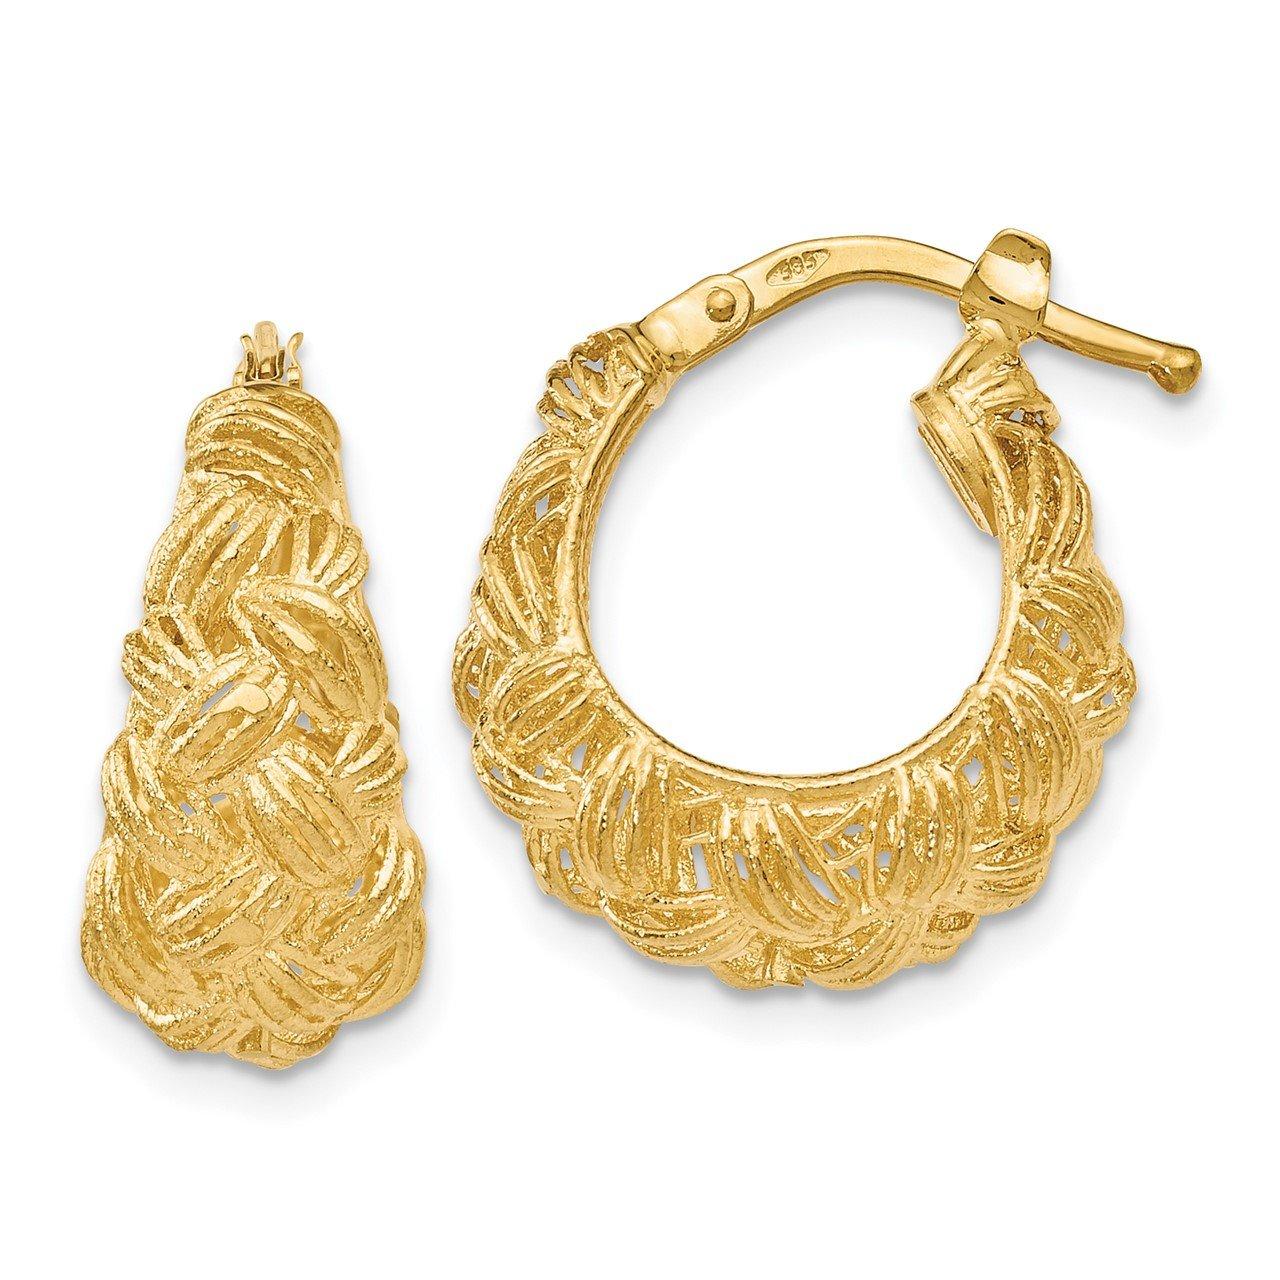 Leslie's 14K Polished Textured Hoop Earrings